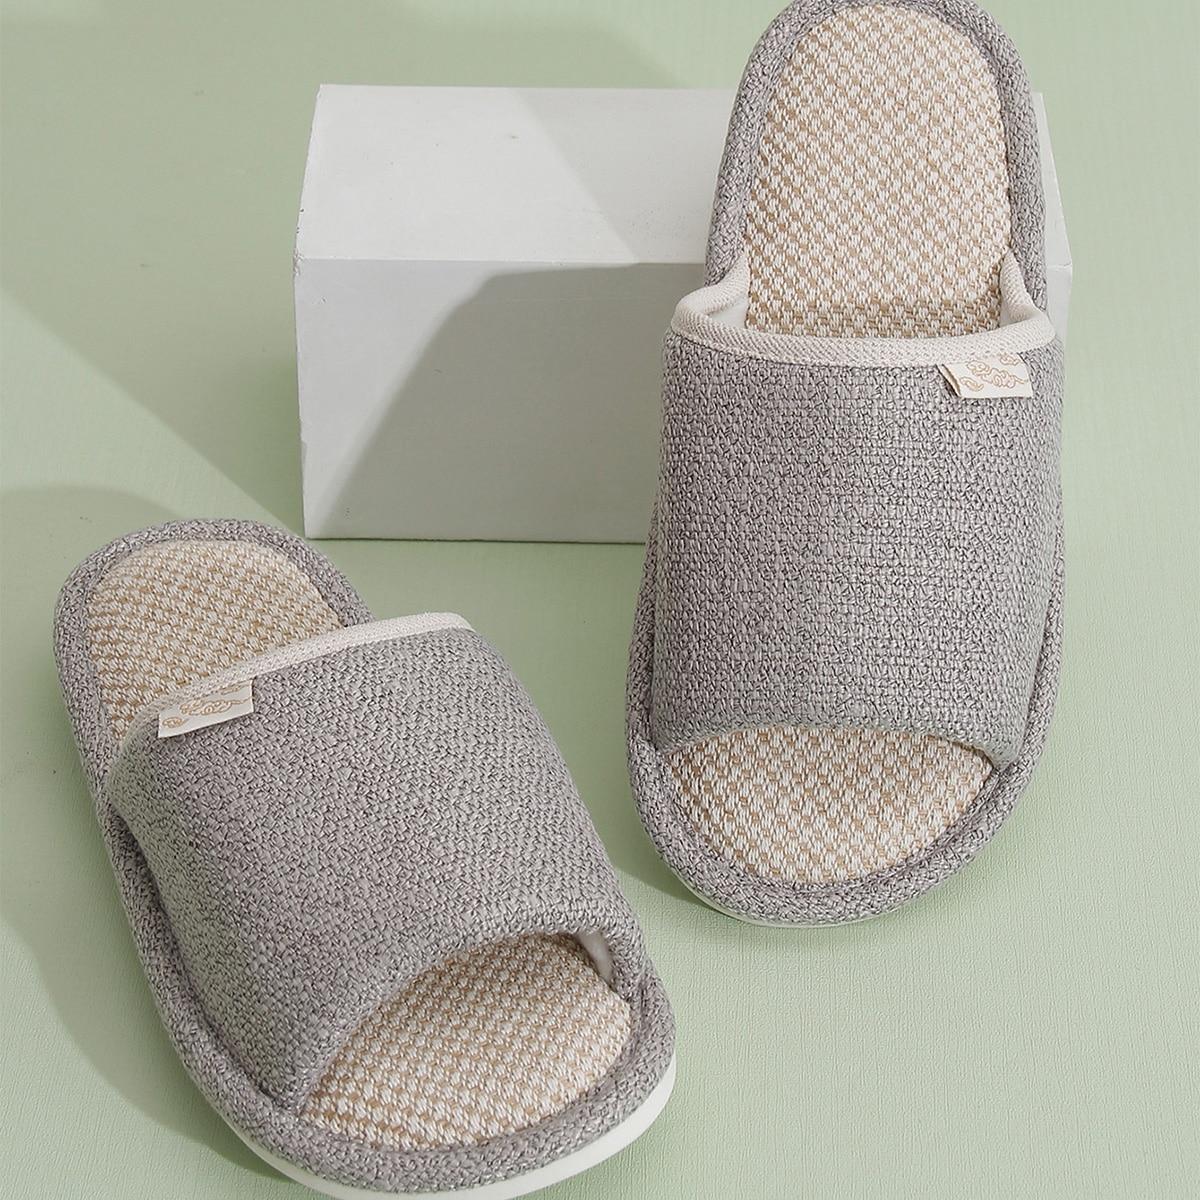 Минималистичные мужские тапочки для спальни от SHEIN